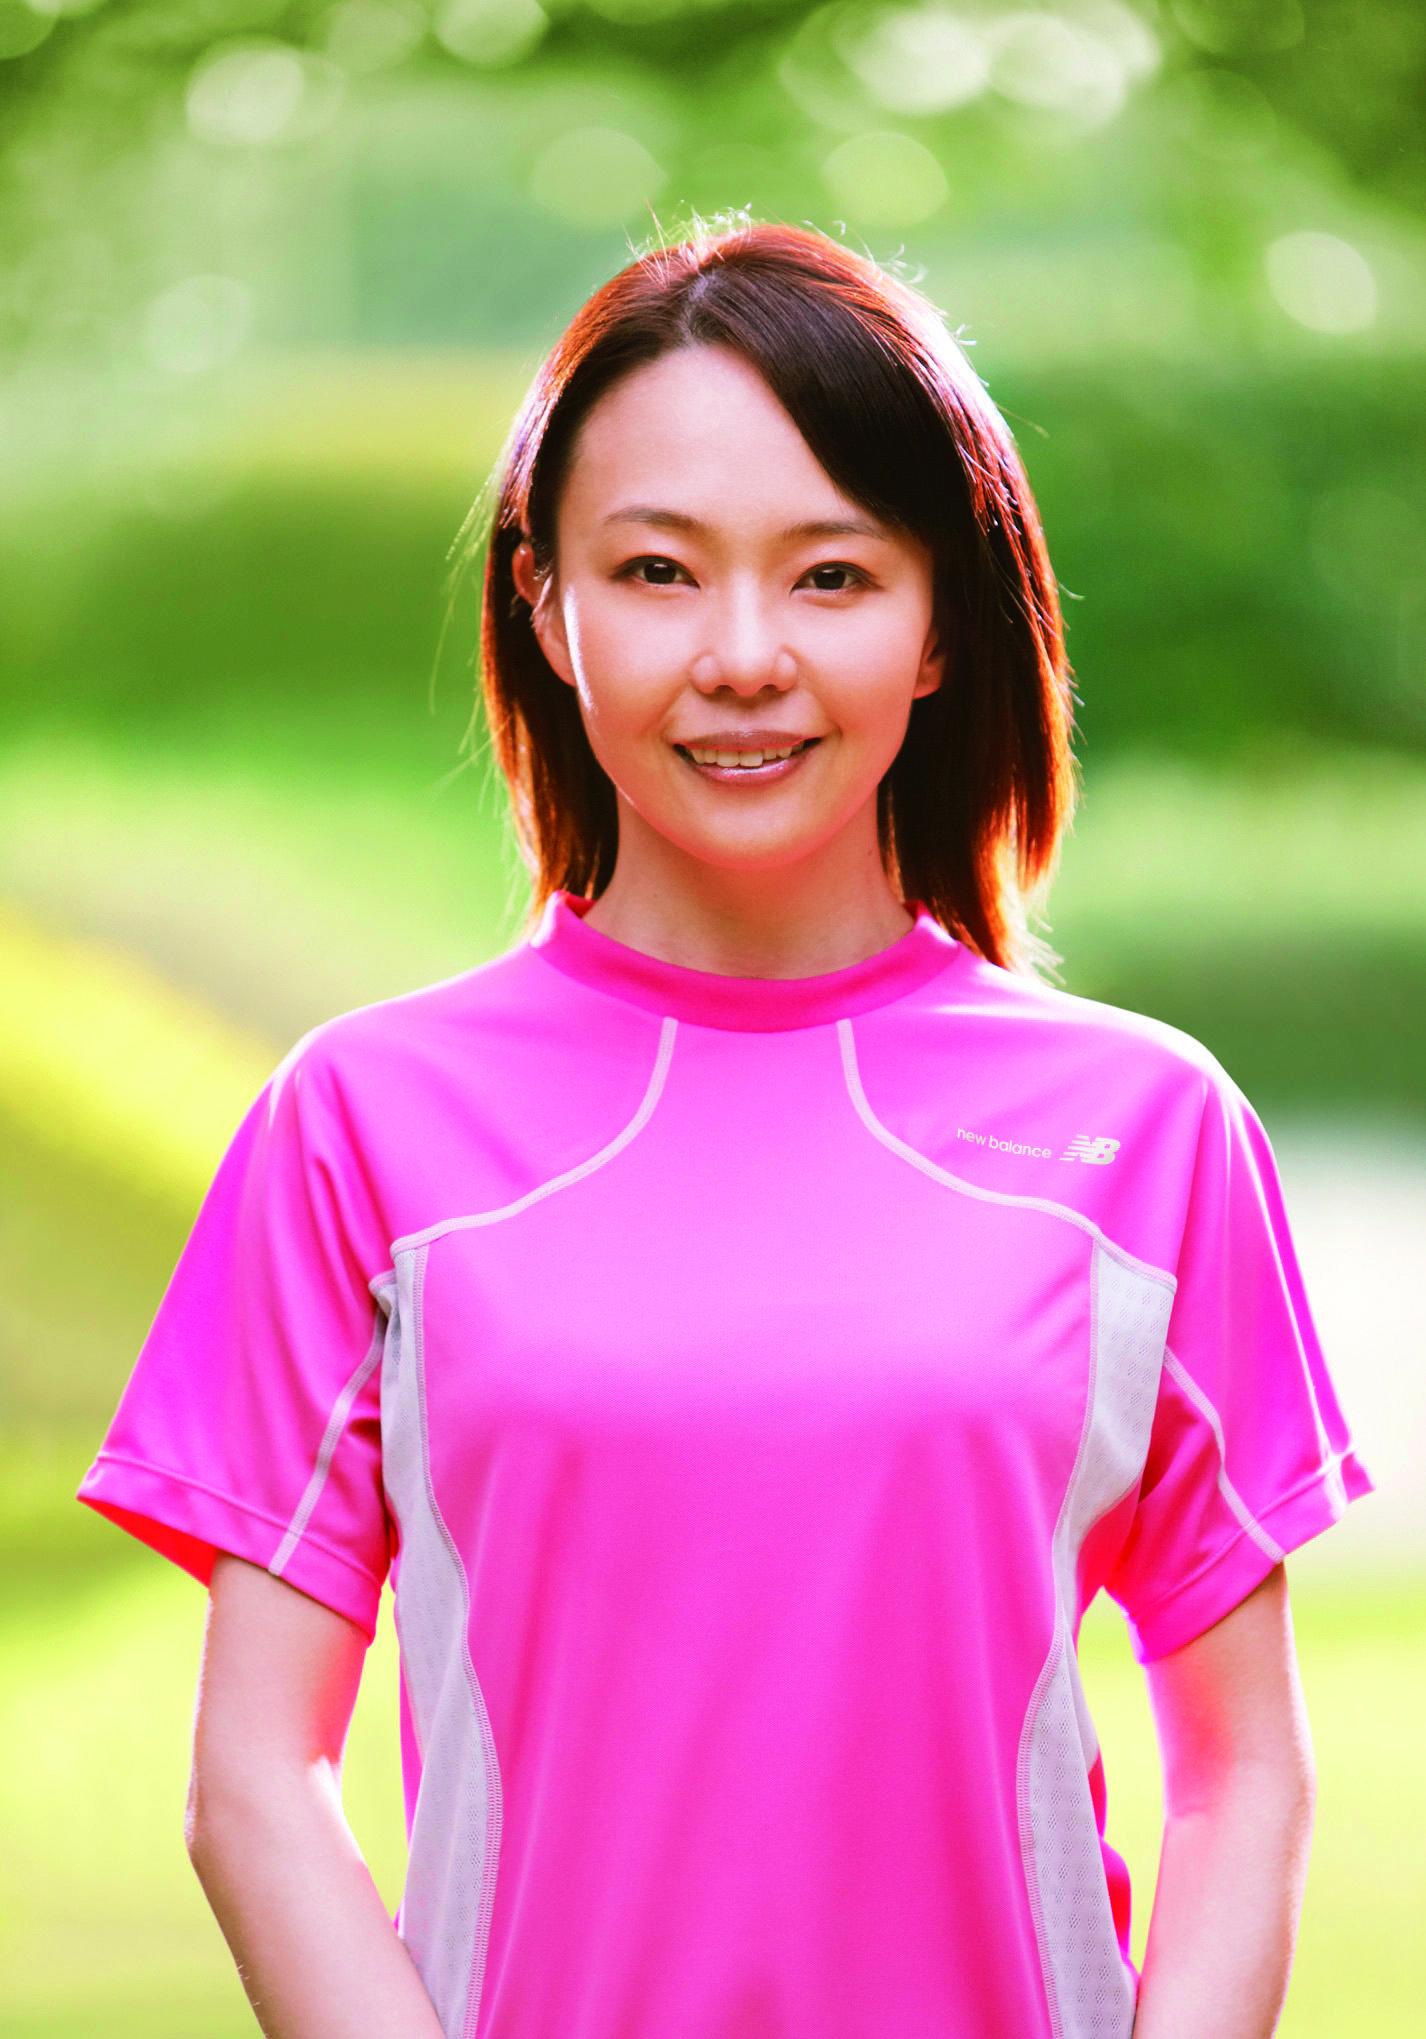 拓殖大学が3月17日に「TAKUSHOKU NEW ORANGE 第3回スポーツフォーラム」を開催 -- スポーツコメンテーターの千葉真子さんが「2020に向けて~スポーツ観戦の楽しみ方~」を語る